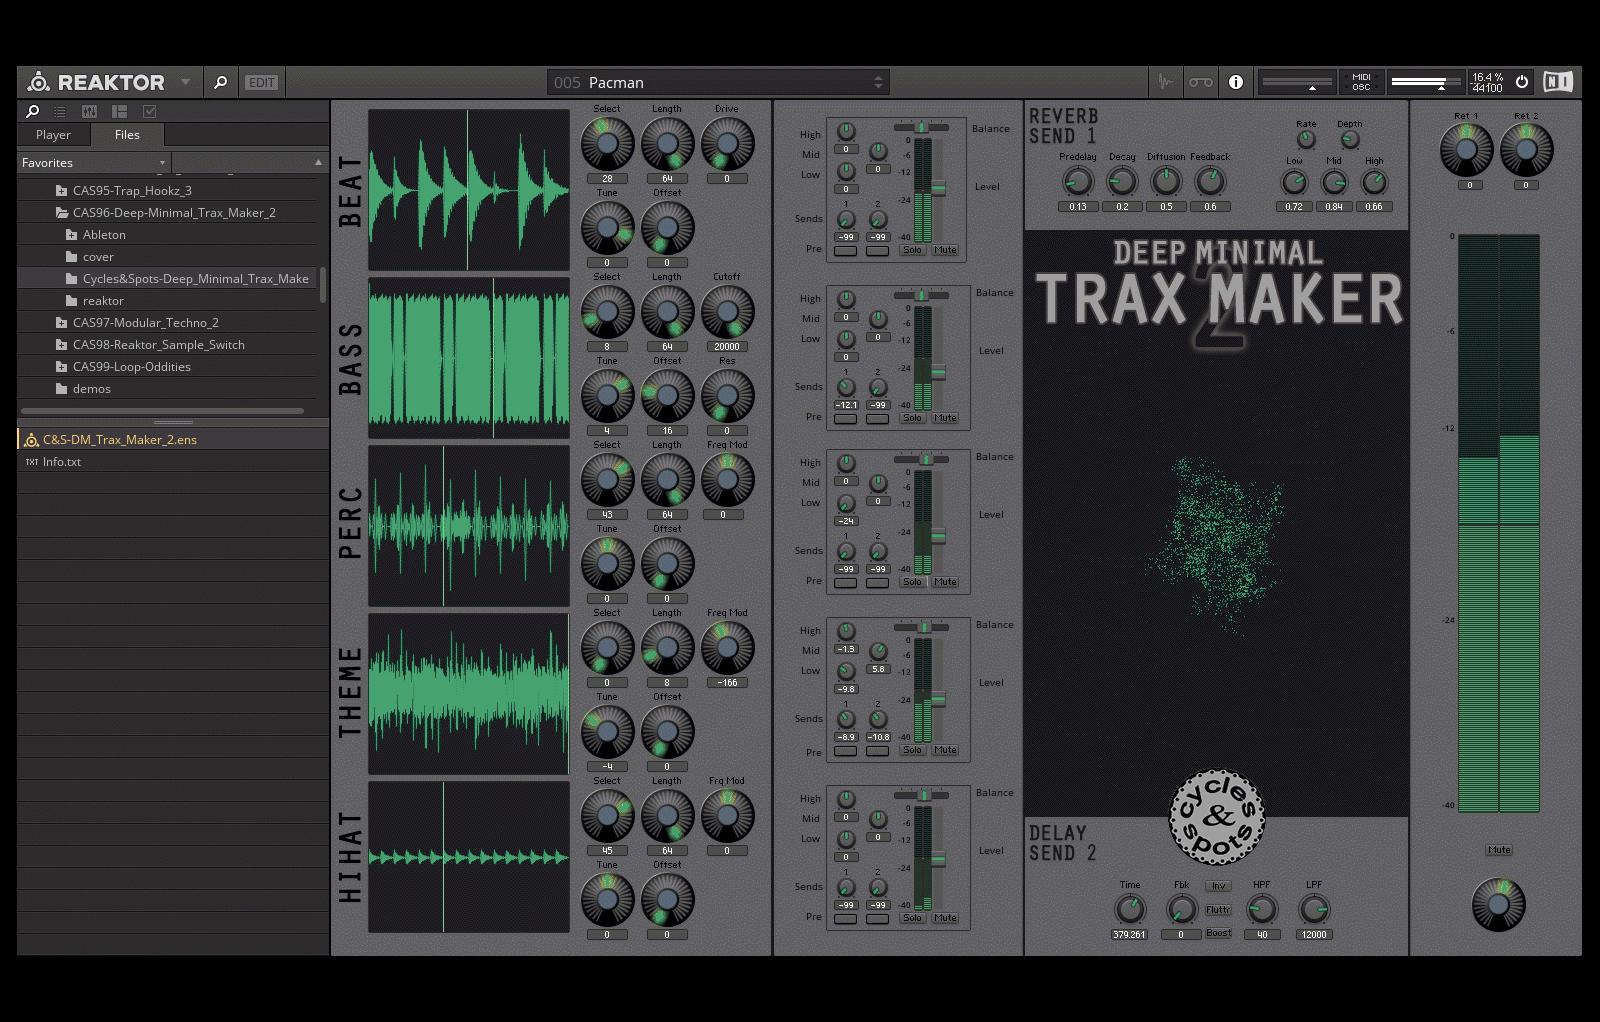 Deep Minimal Trax Maker 2